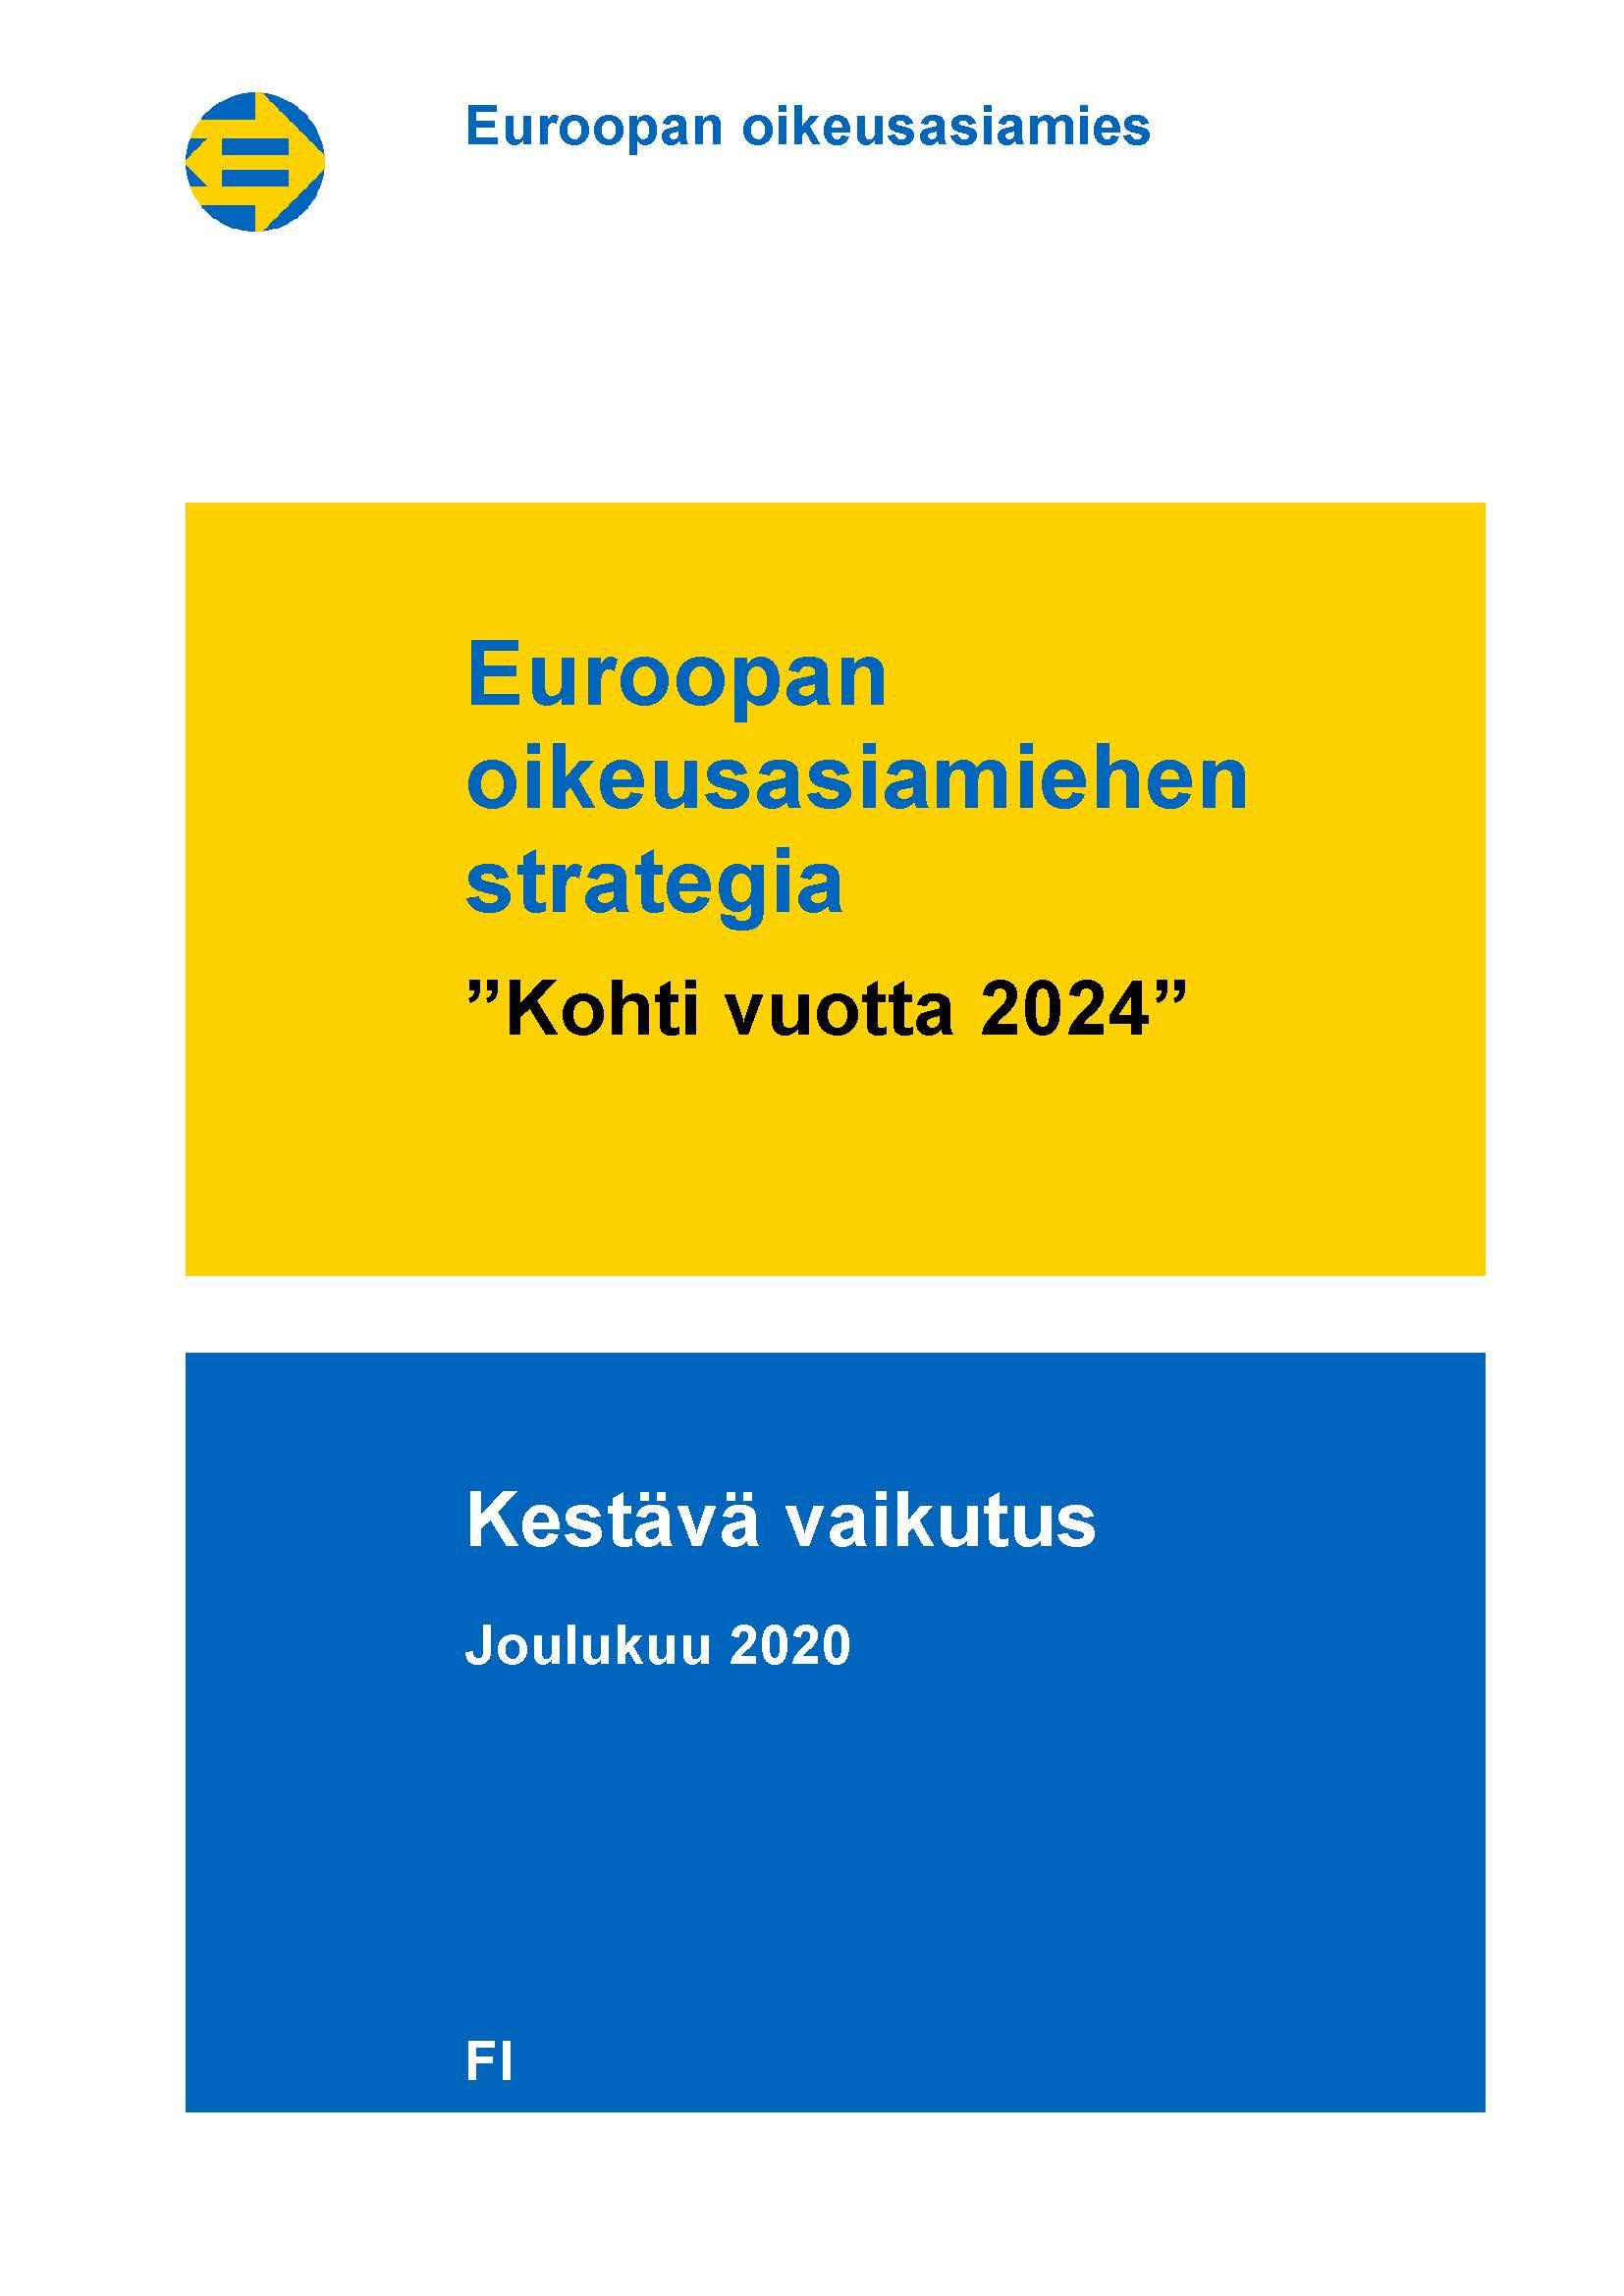 """Euroopan oikeusasiamiehen strategia: """"Kohti vuotta 2024"""" - Kestävä vaikutus"""